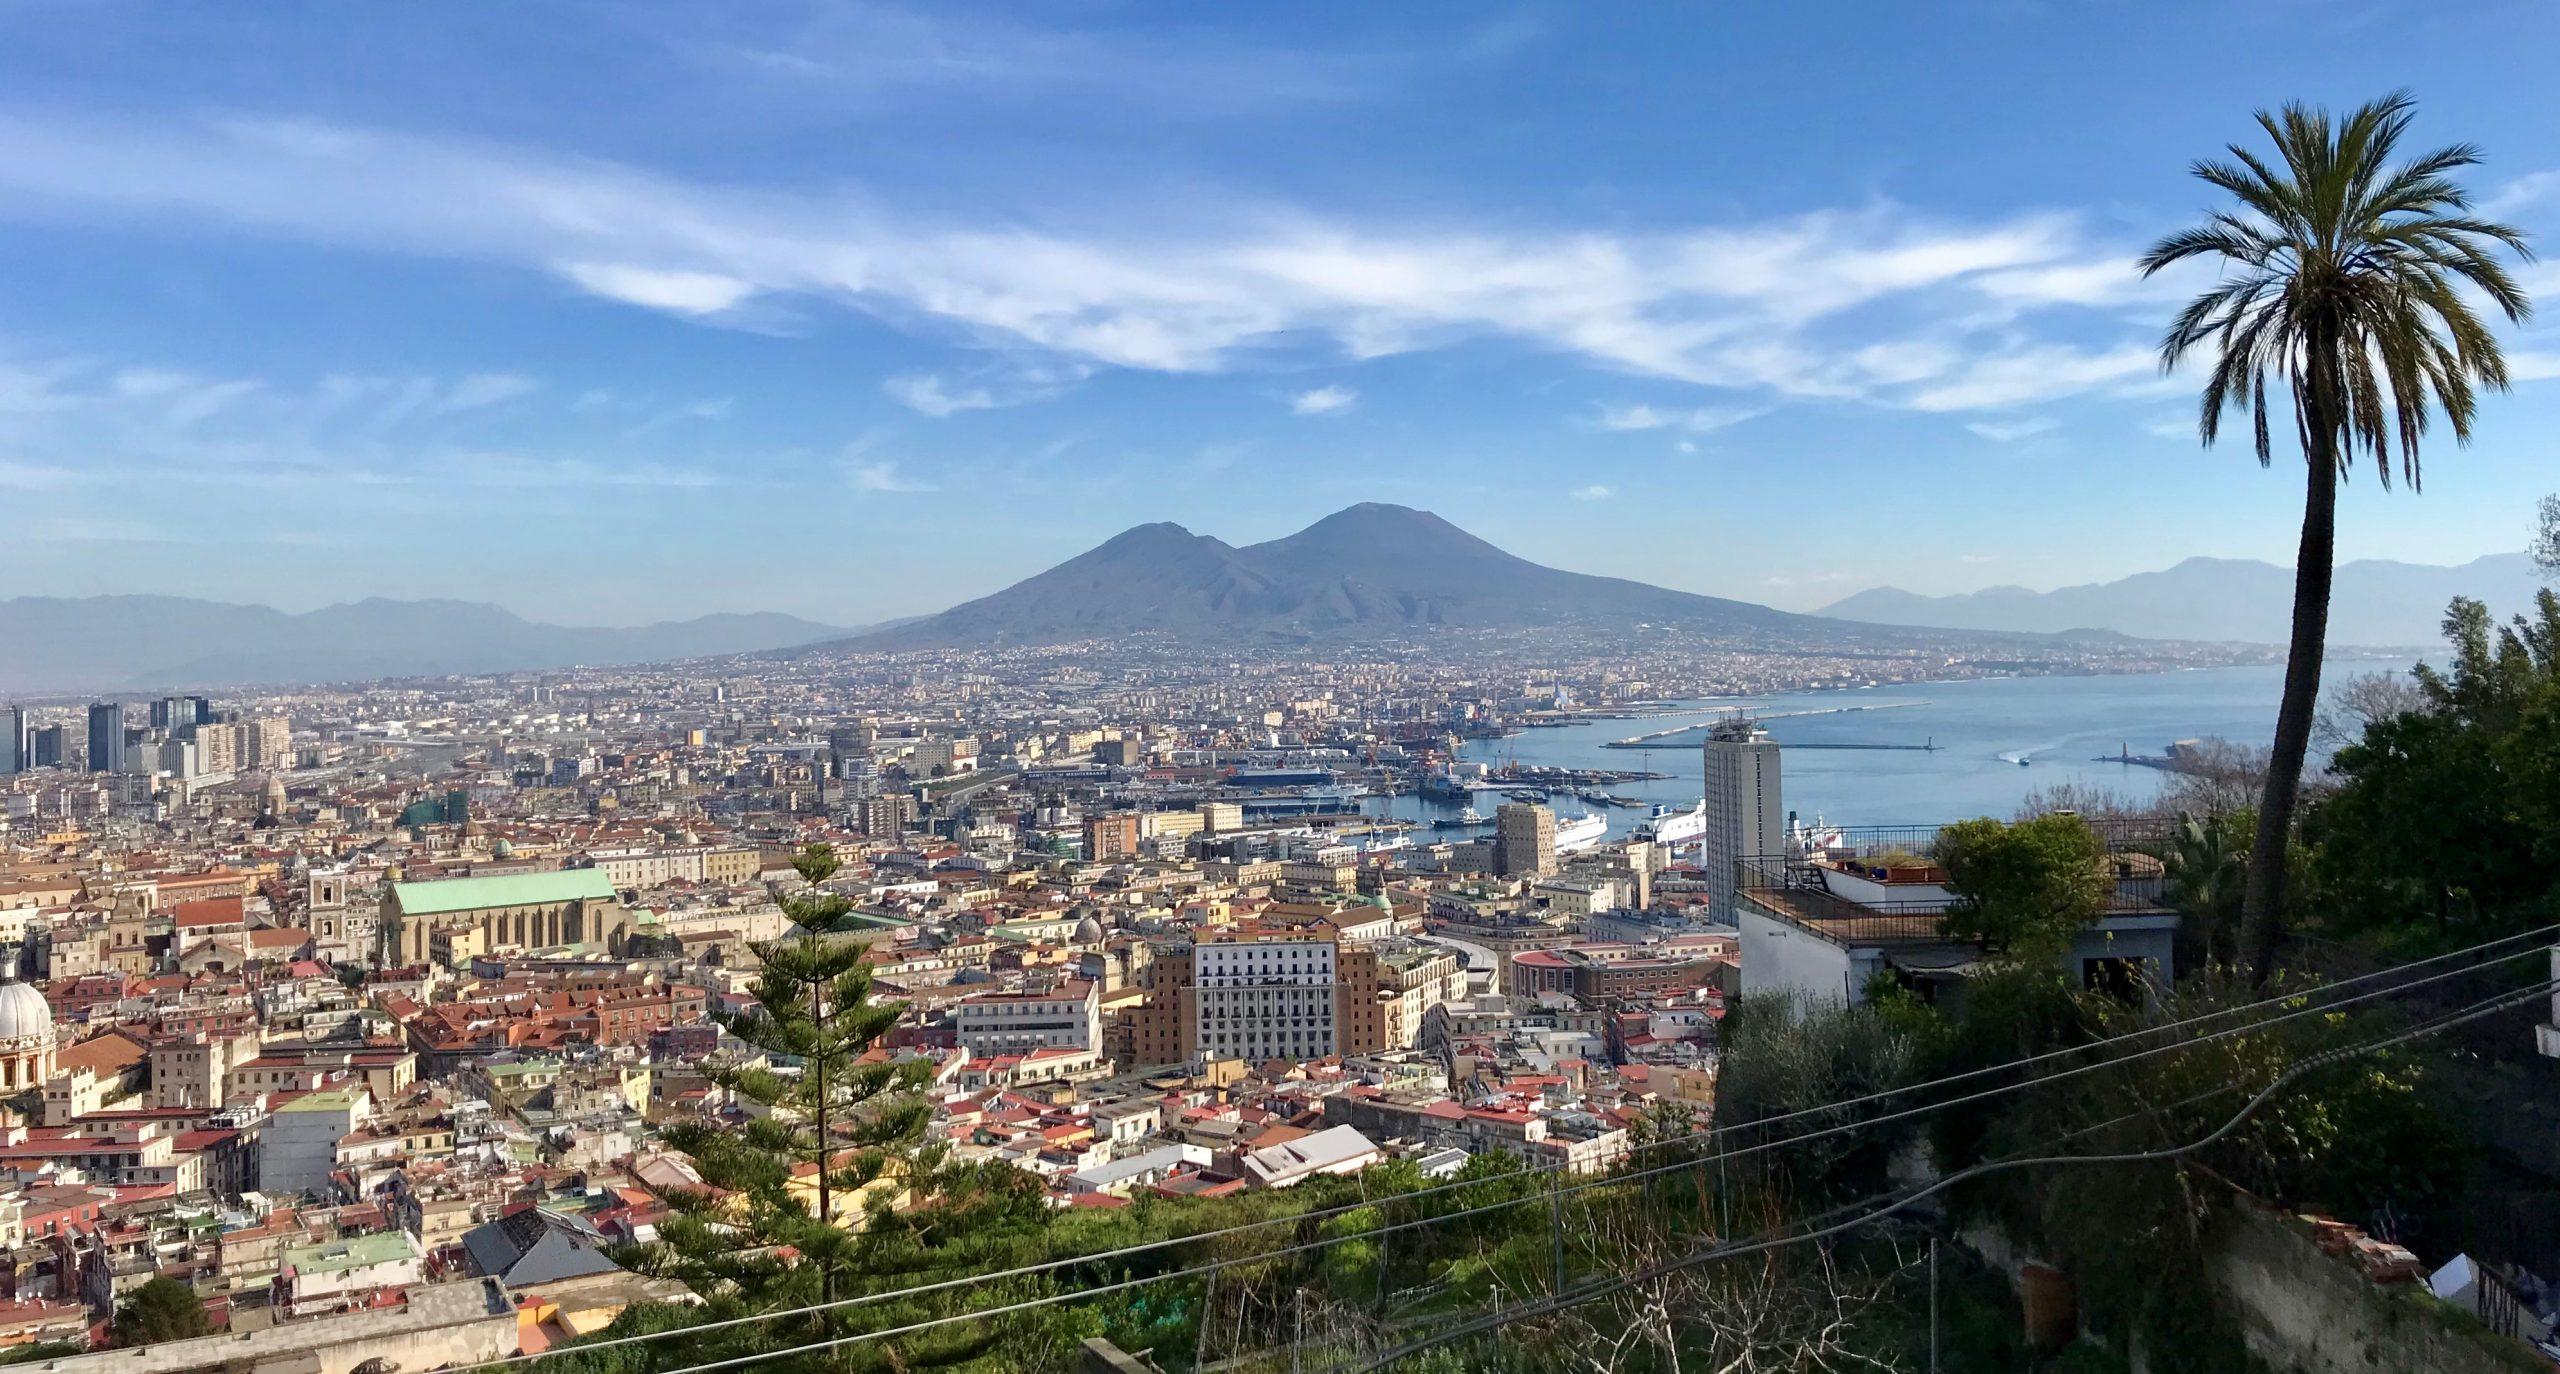 Vue sur Naples depuis le Castel sant elmo